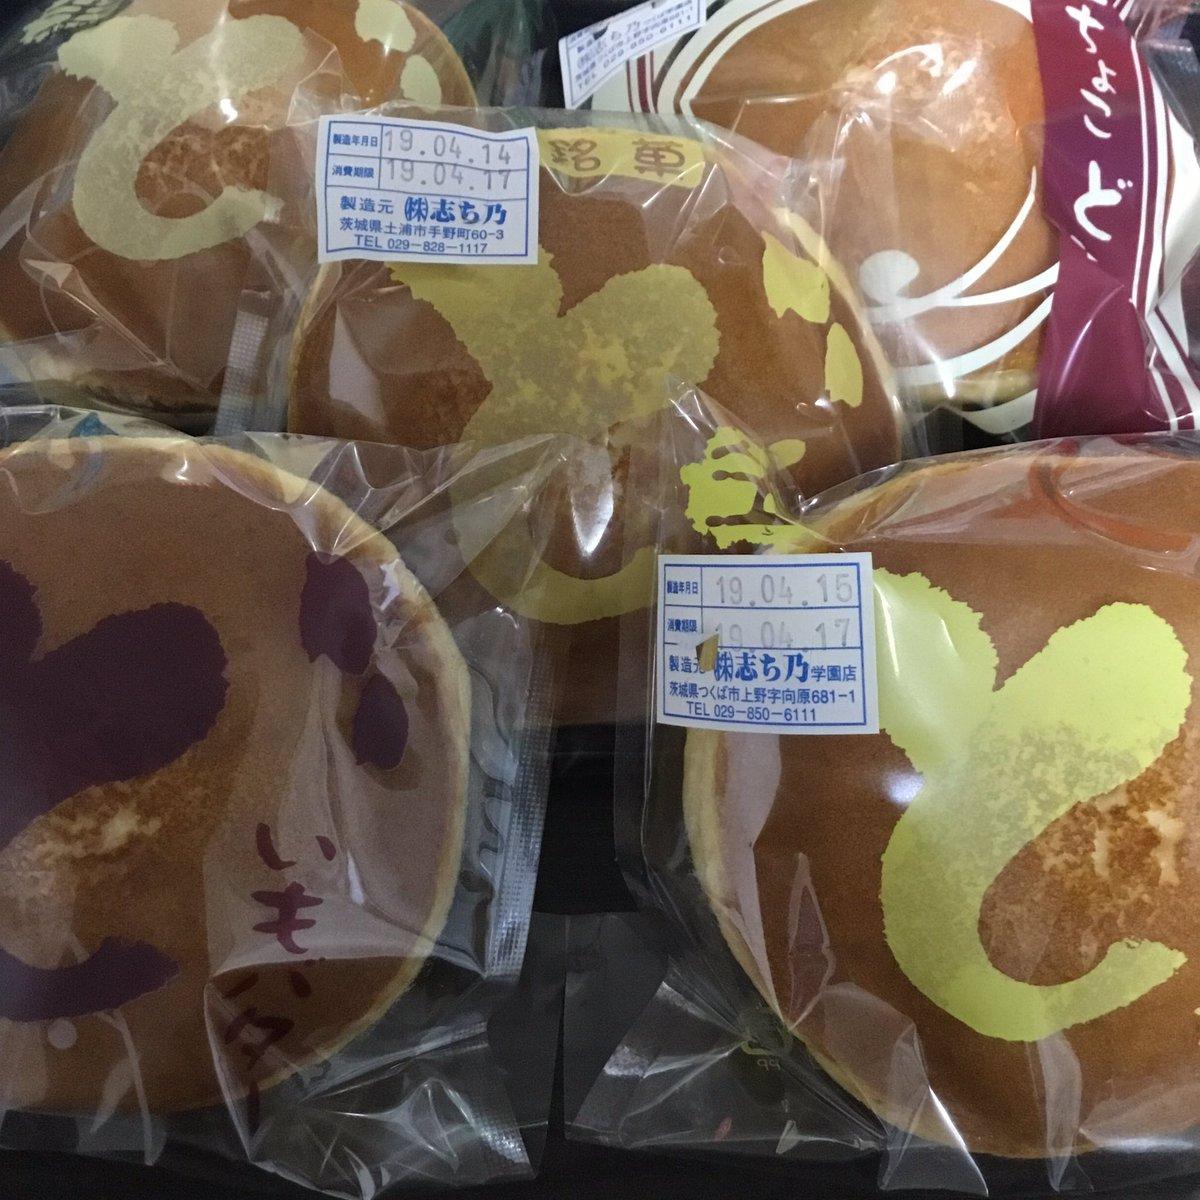 test ツイッターメディア - 駅にどら焼きやさんが出店してて、興奮して買ってきた! モンブラン、ティラミス、生チョコ、栗、芋バター !!! 何このラインナップ!!!(;//́Д/̀/)ハァハァ https://t.co/hayWVXWnSj